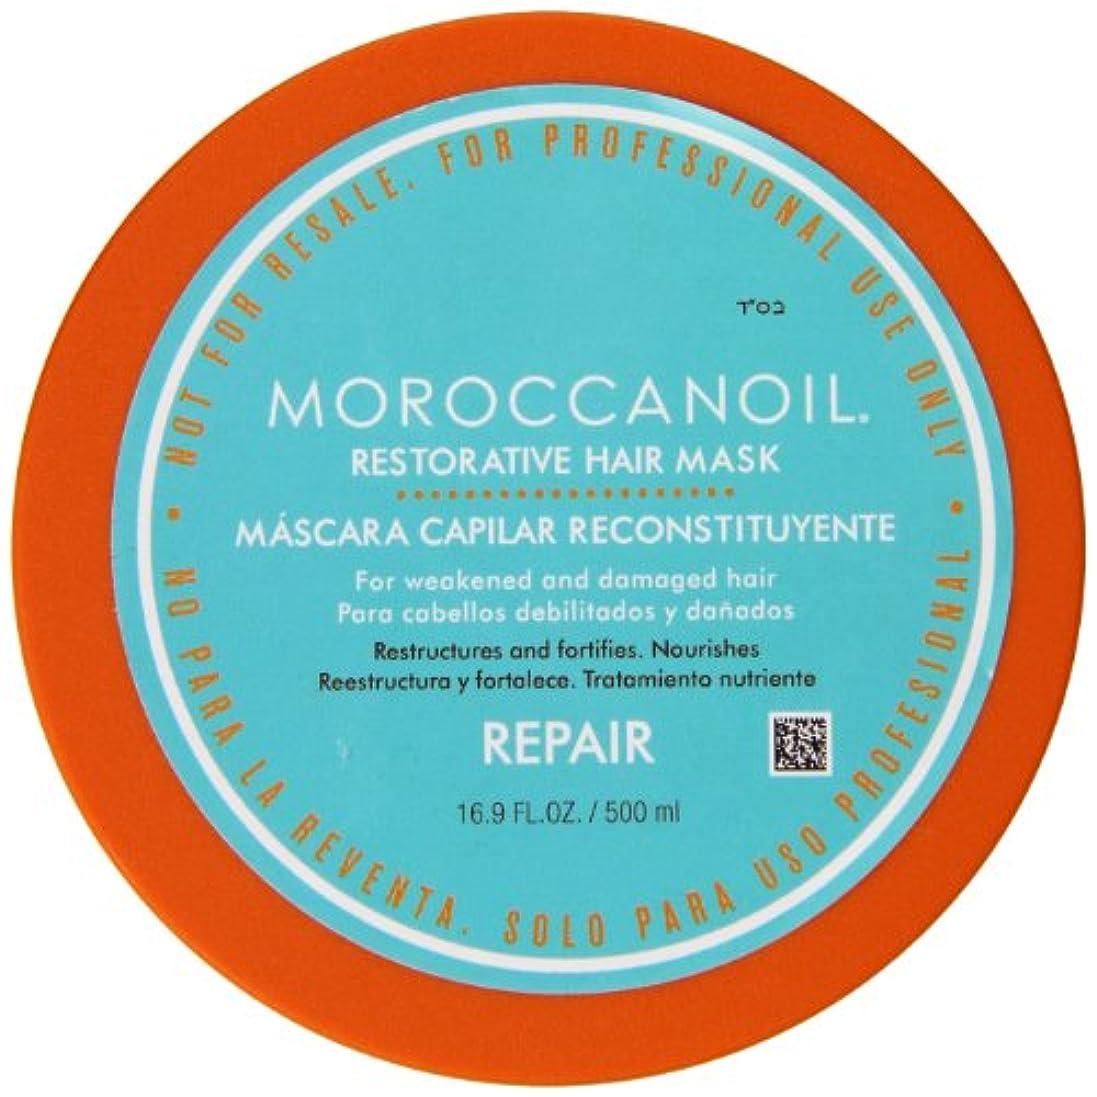 見つける広範囲保証金モロッカンオイル リストラクティブ ヘア マスク (ダメージを受けた髪用) 500ml/16.9oz並行輸入品